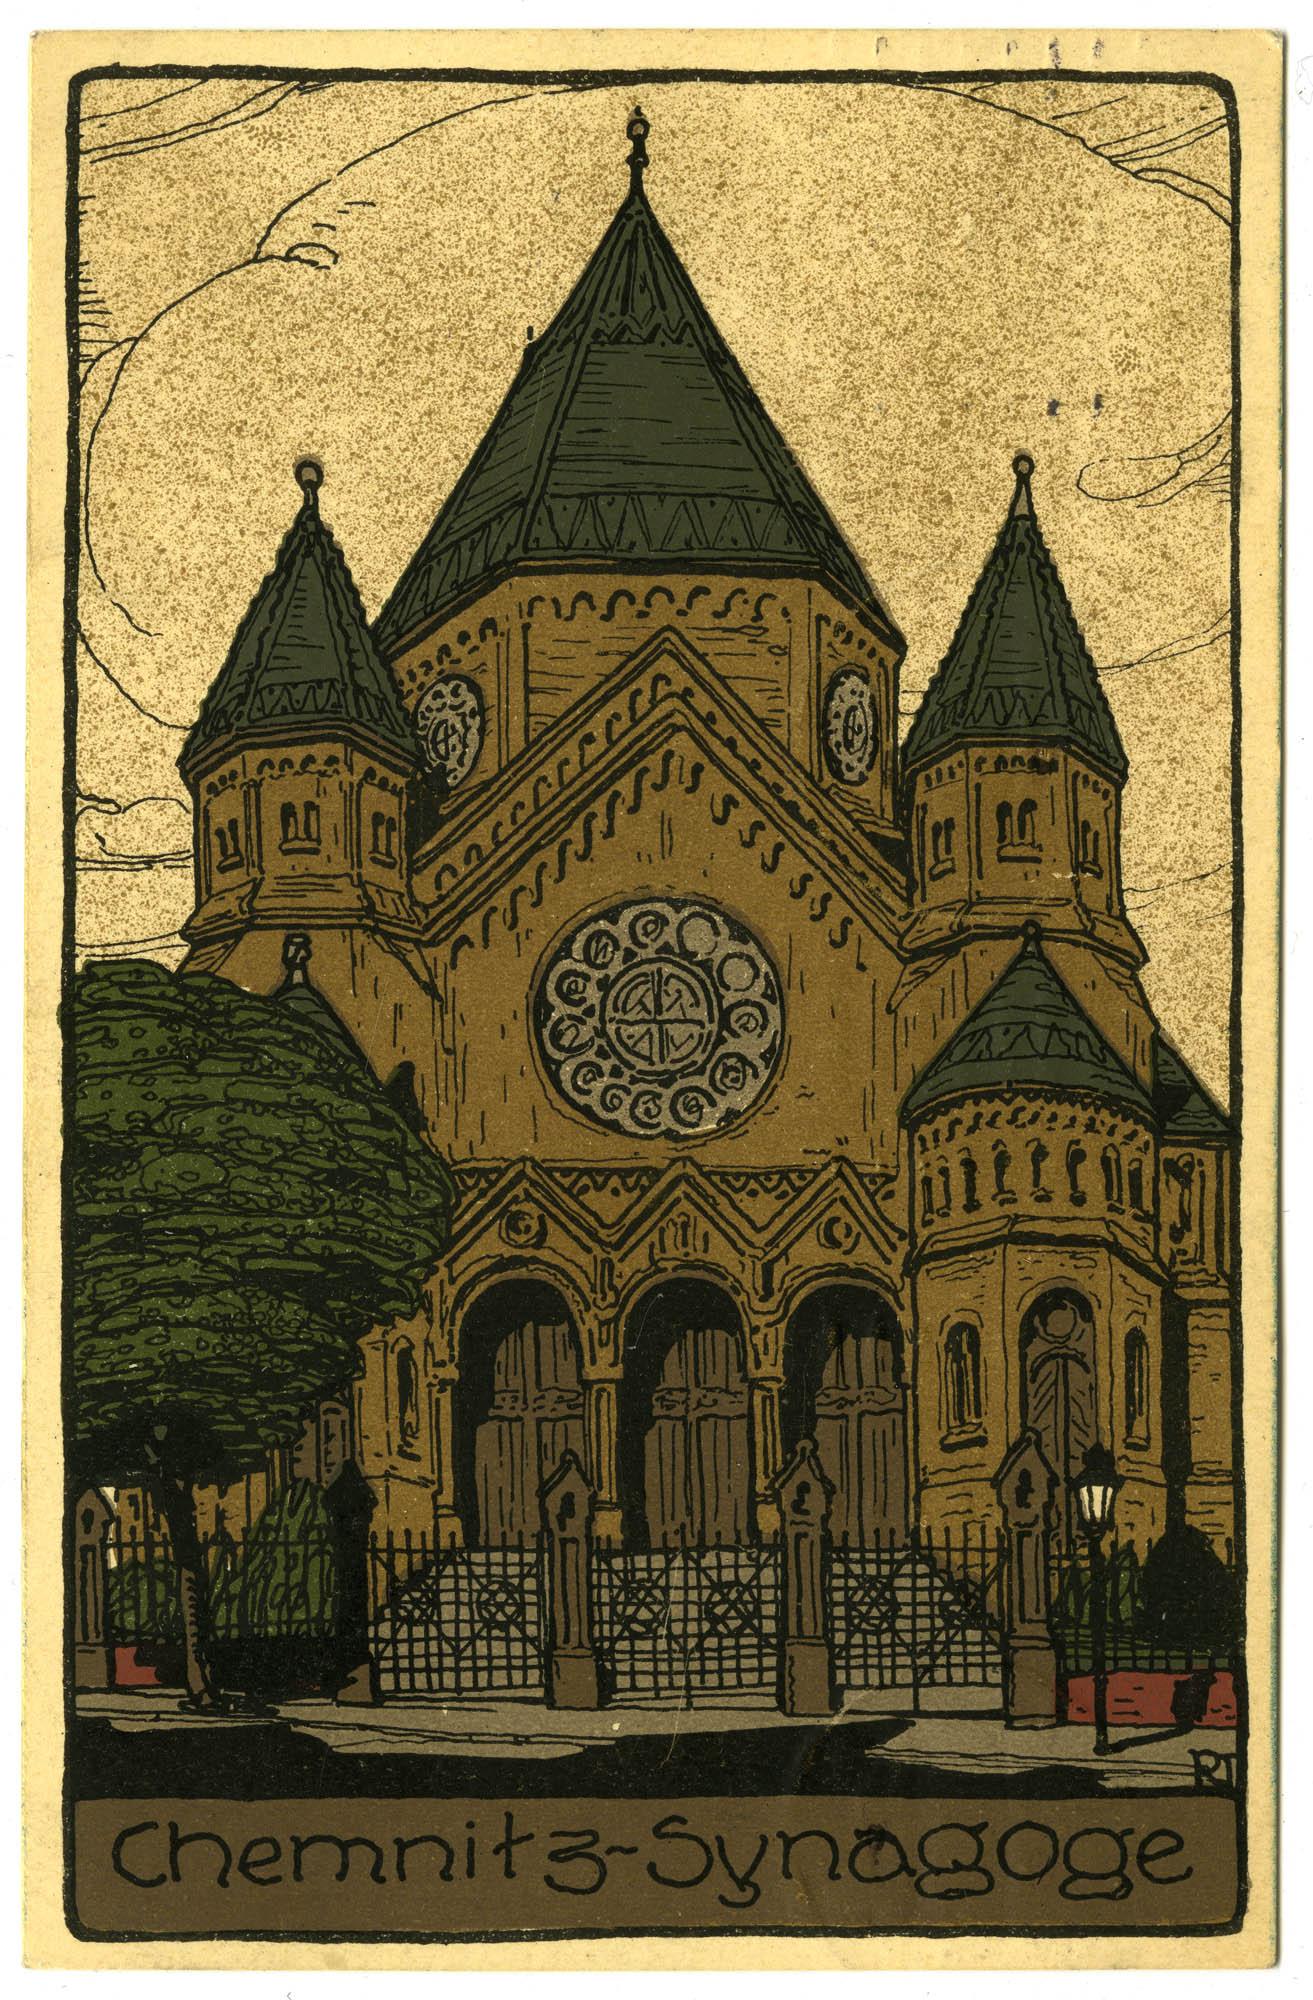 Chemnitz - Synagoge